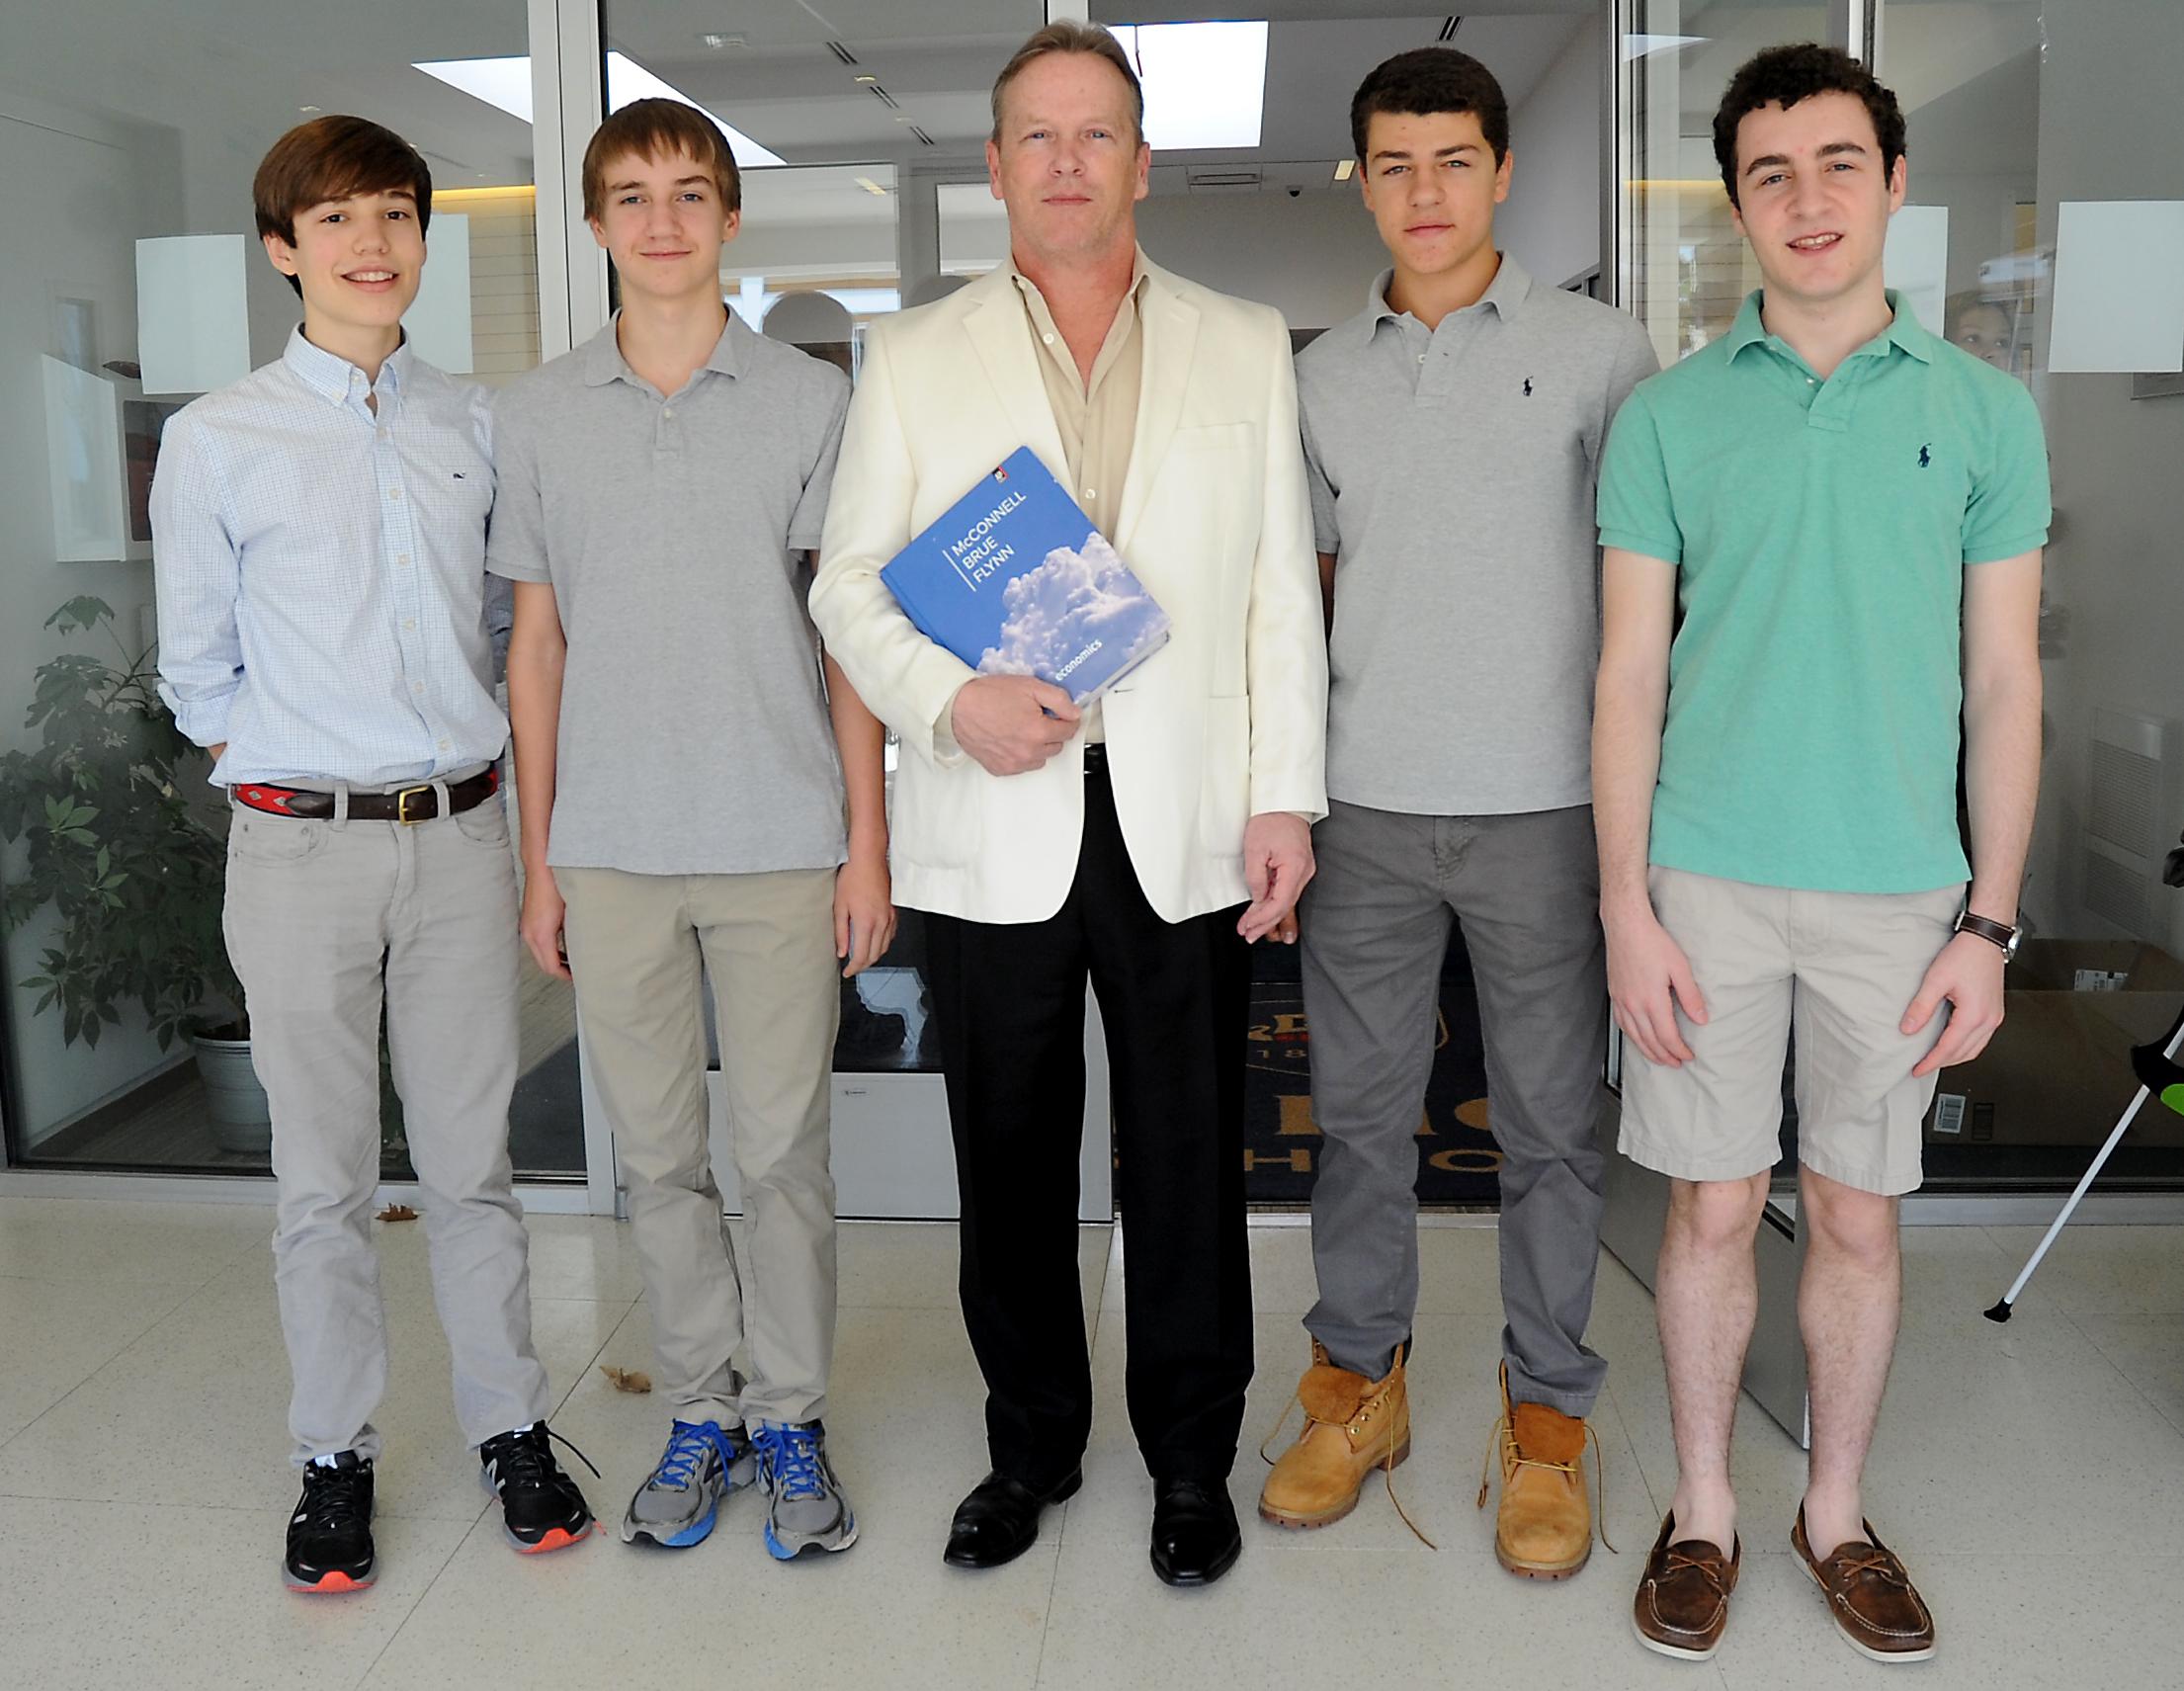 King School From L to R Alex Knorr, Ari Maki, Frank Roche (Advisor), Michael Carnavalla, Max Helman